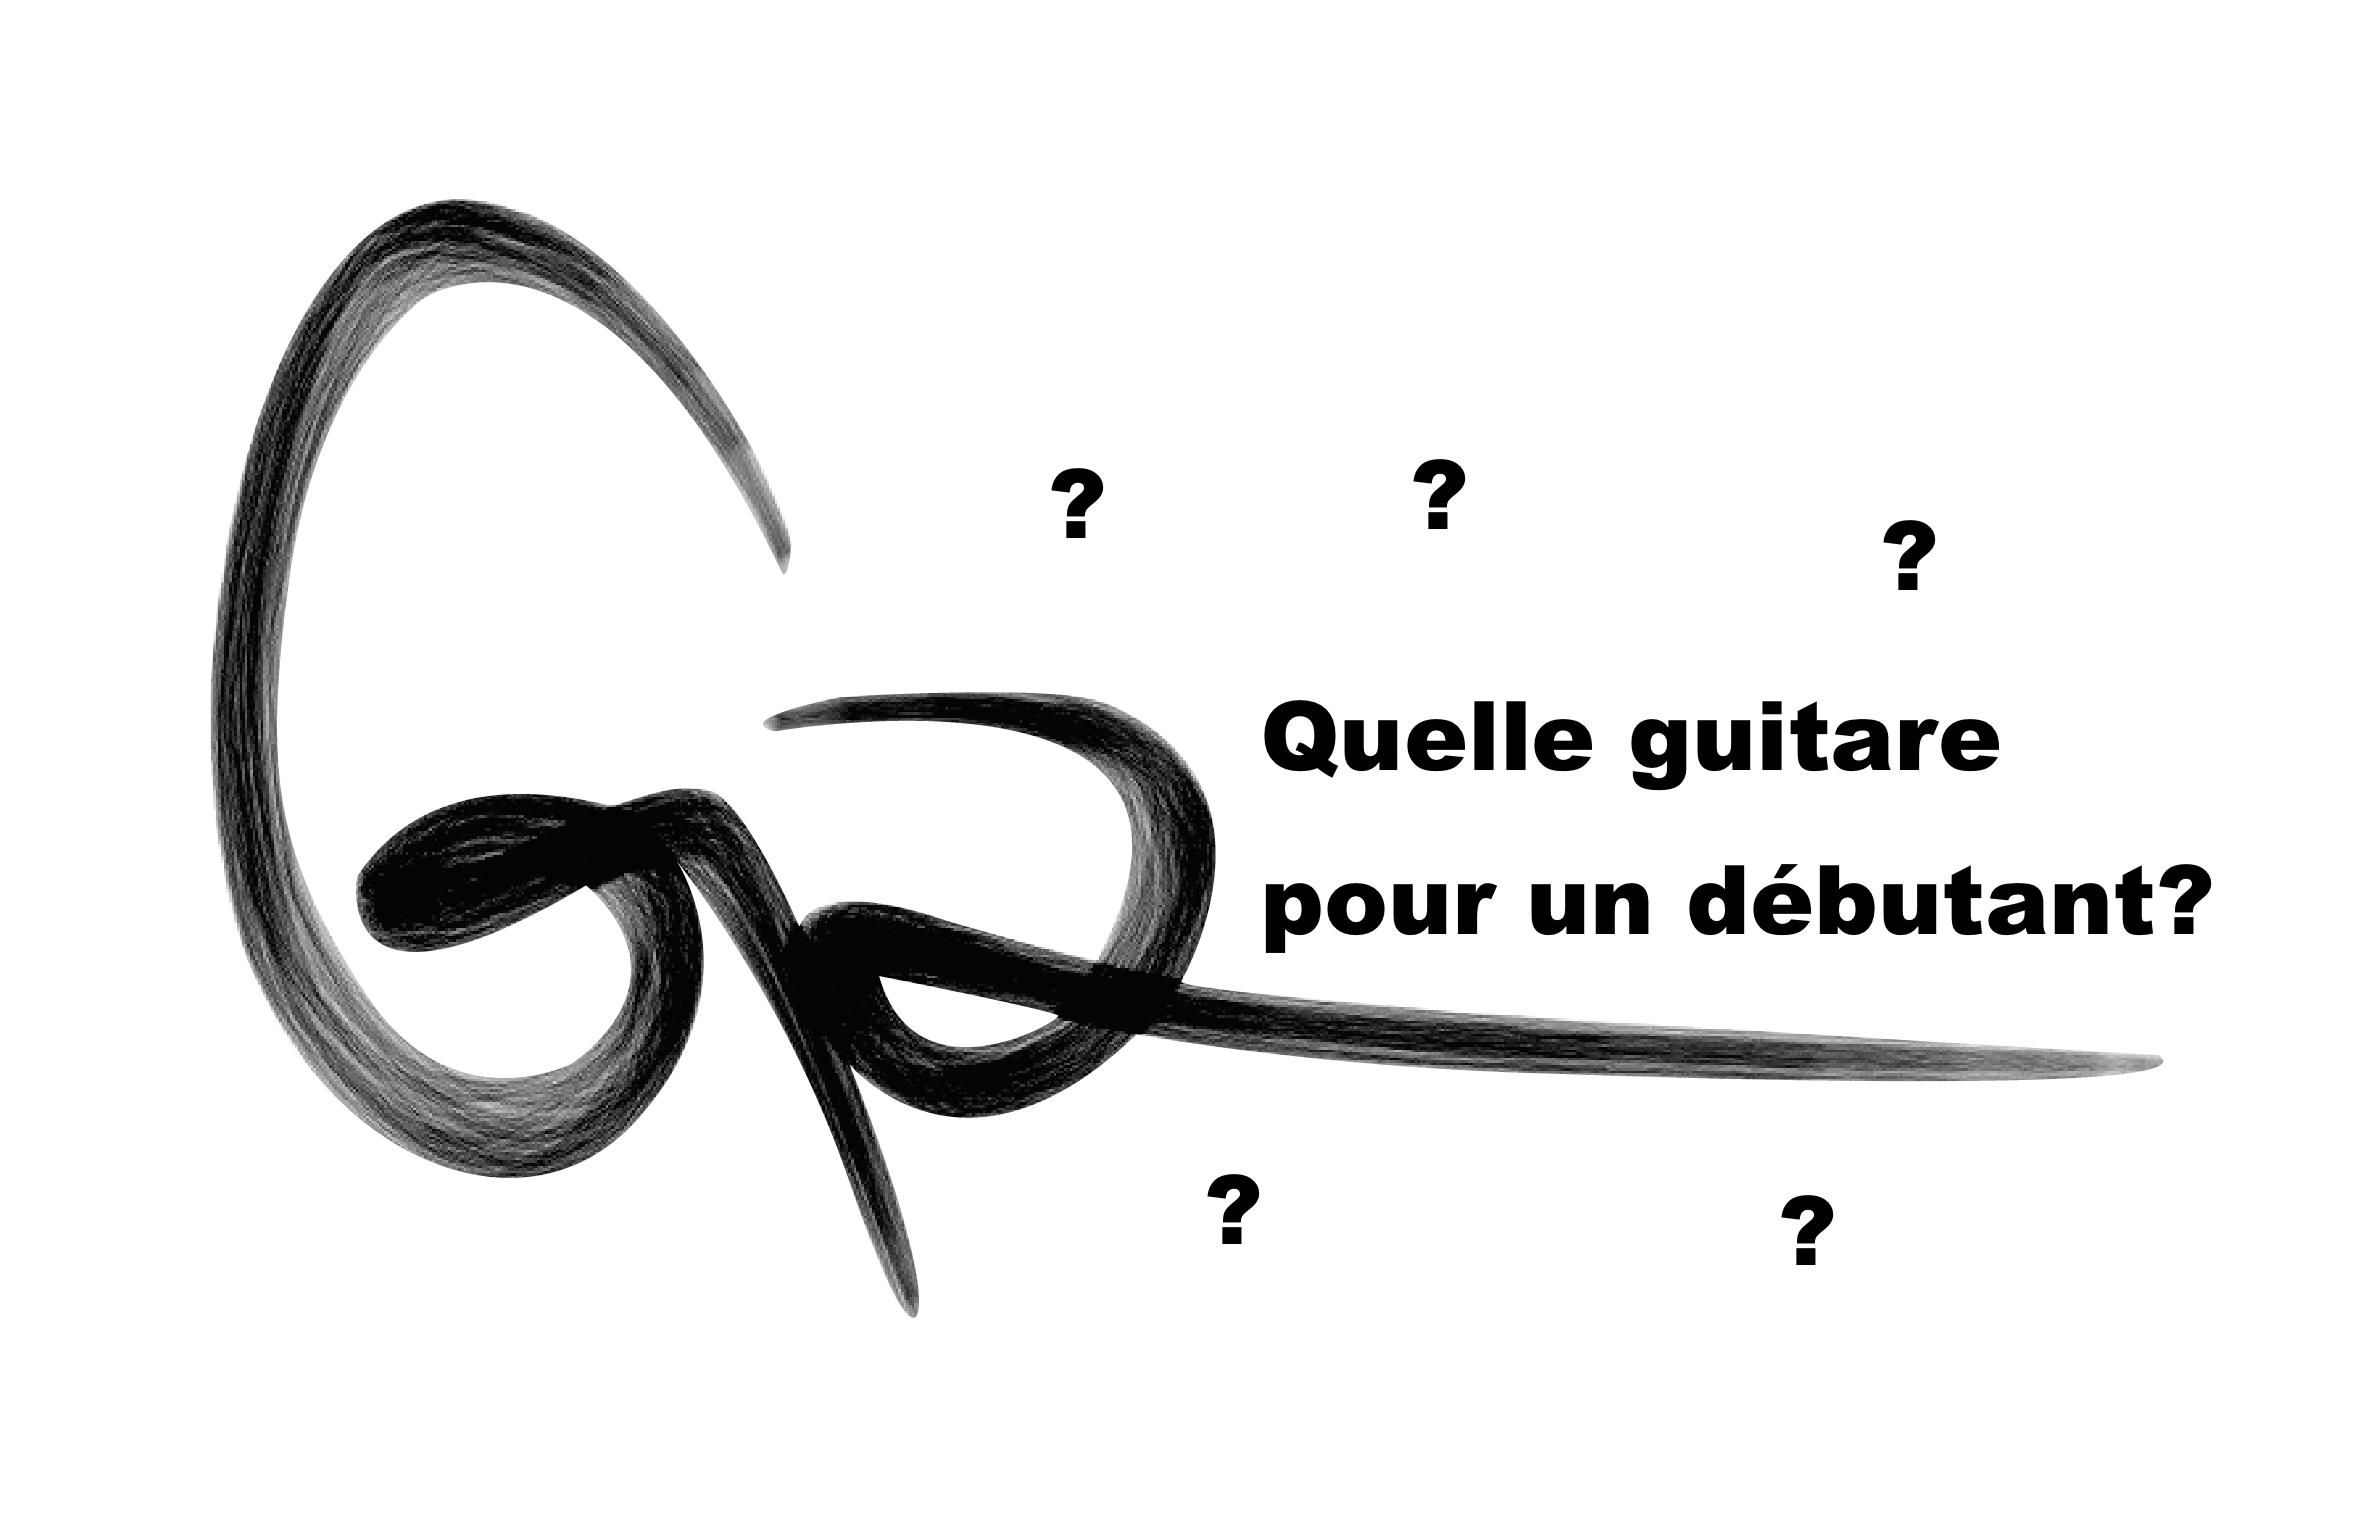 Quel type de guitare pour un débutant?